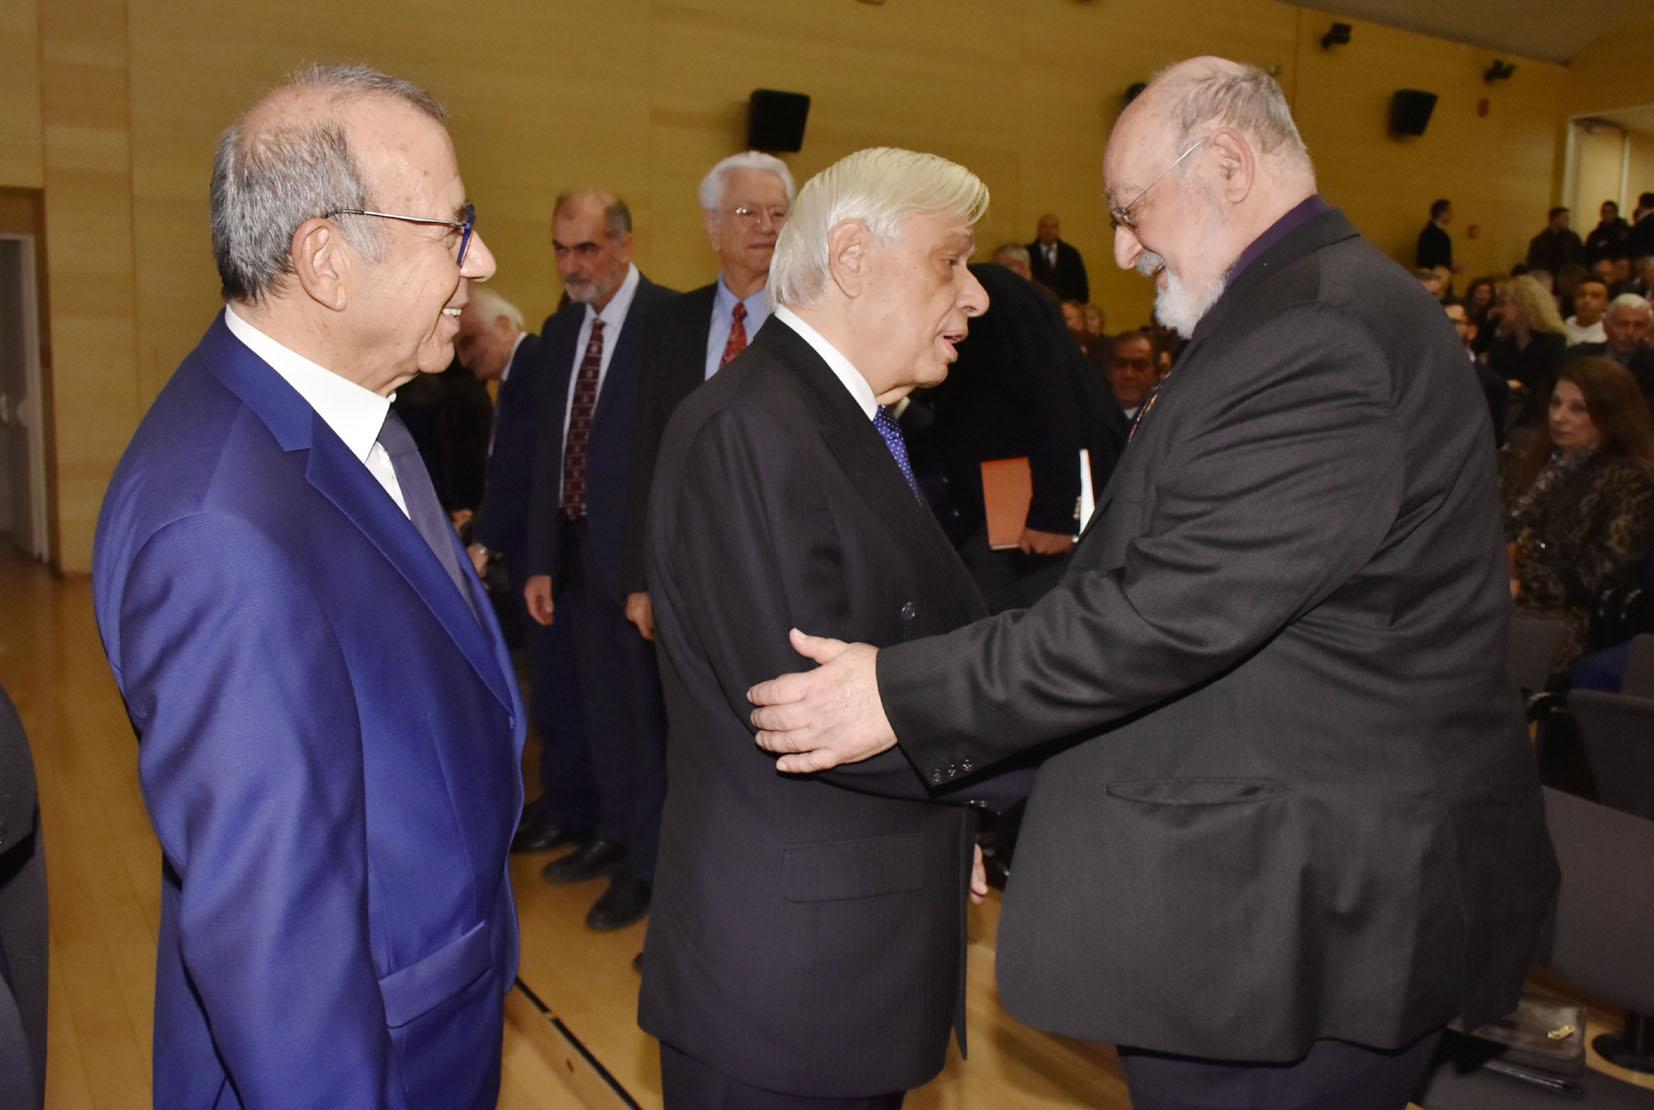 Ο Δντής Εκδοσης του ΕΠΙΛΟΓΟΥ 2019 Τάκης Βλαστός με την ΑΕ ΠτΔ κ. Προκόπιο Παυλόπουλο και τον κ. Κώστα Γεωργουσόπουλο